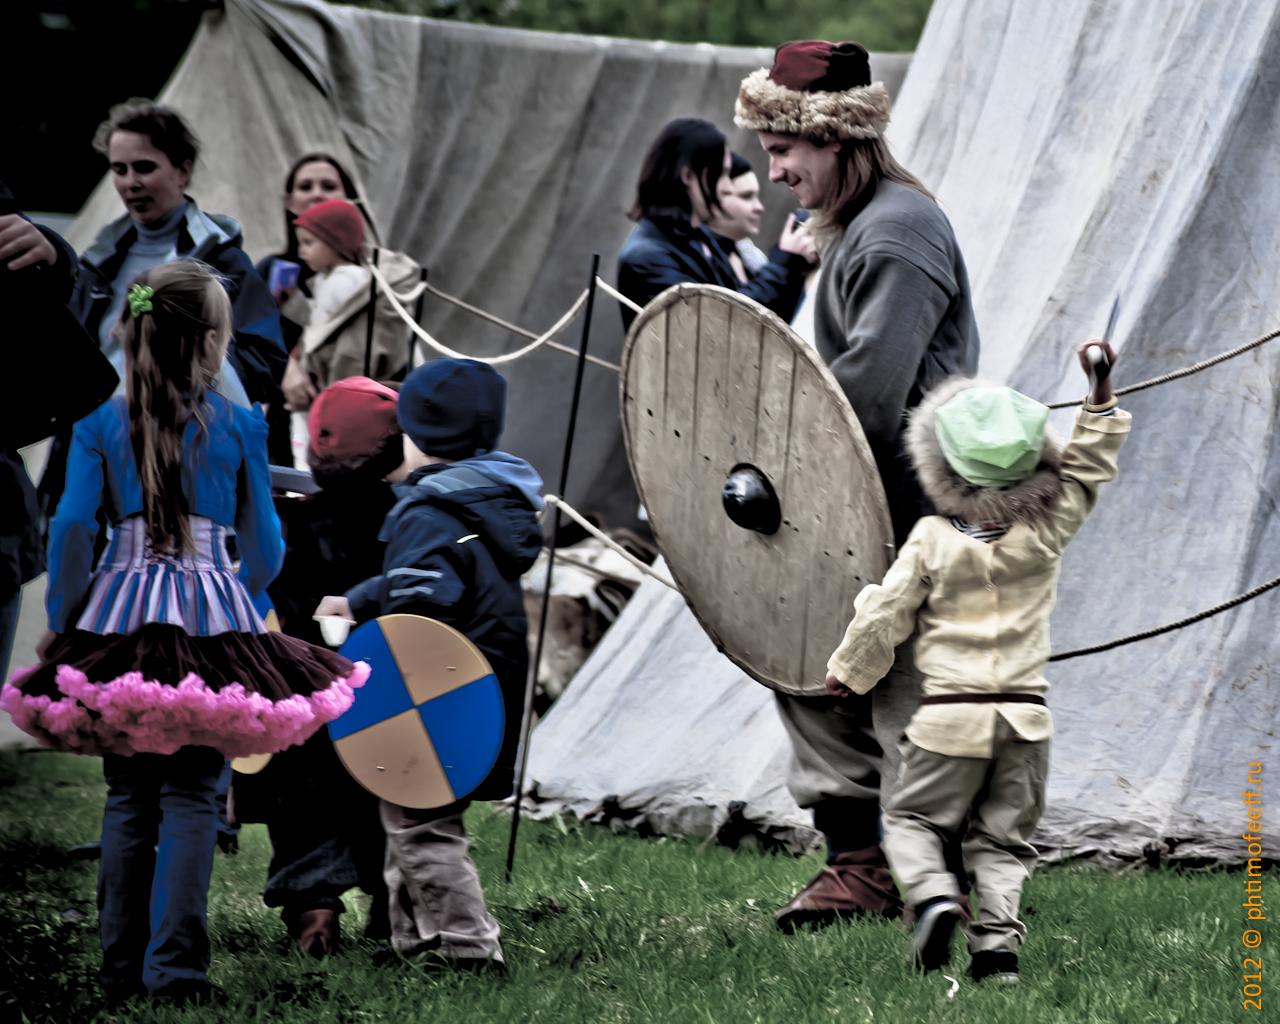 оригинальных картинок турниры норвежских викингов фото этот раз состав